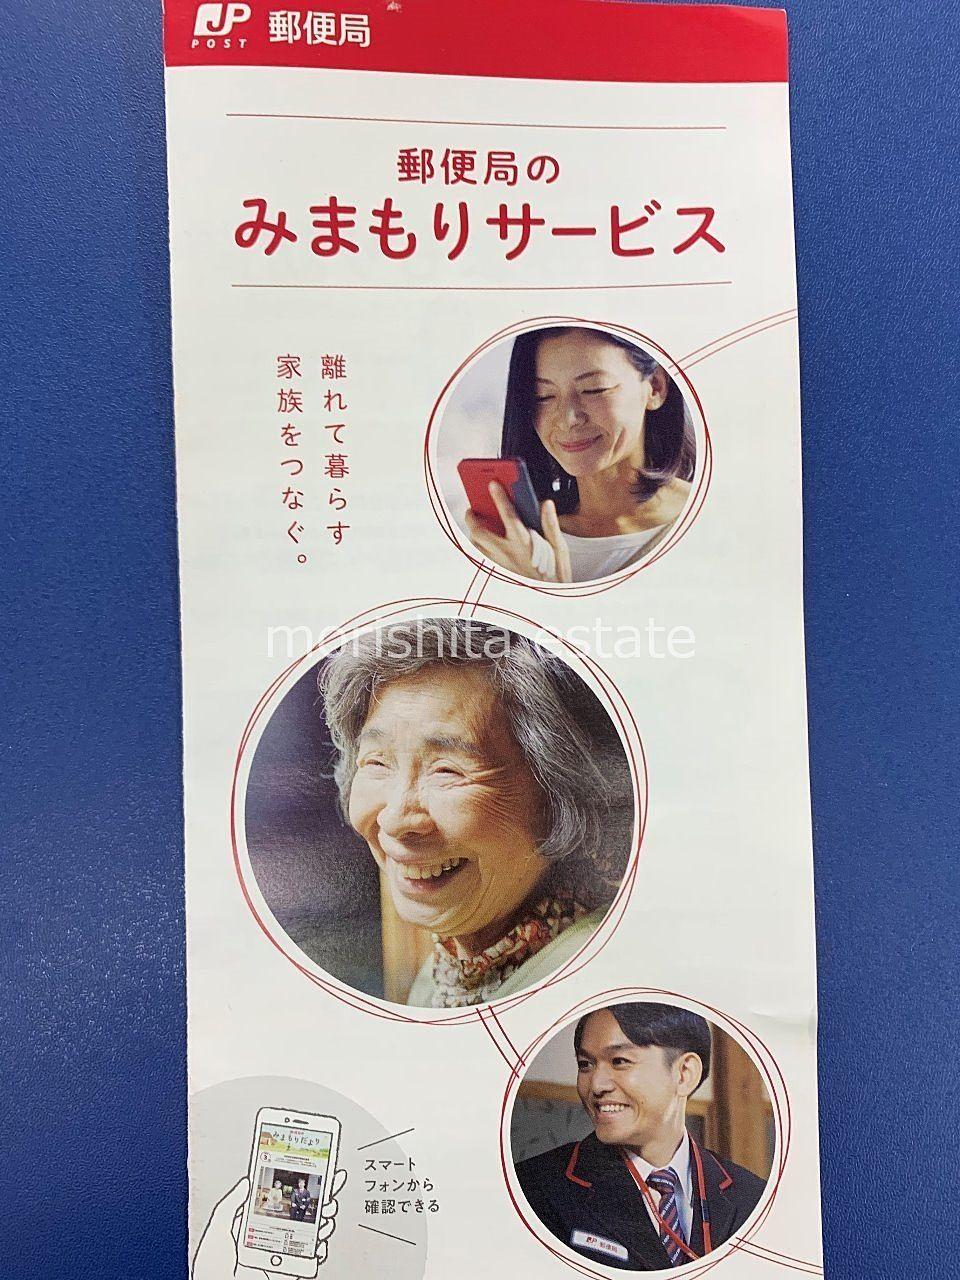 郵便局 高齢者 みまもりサービス 写真